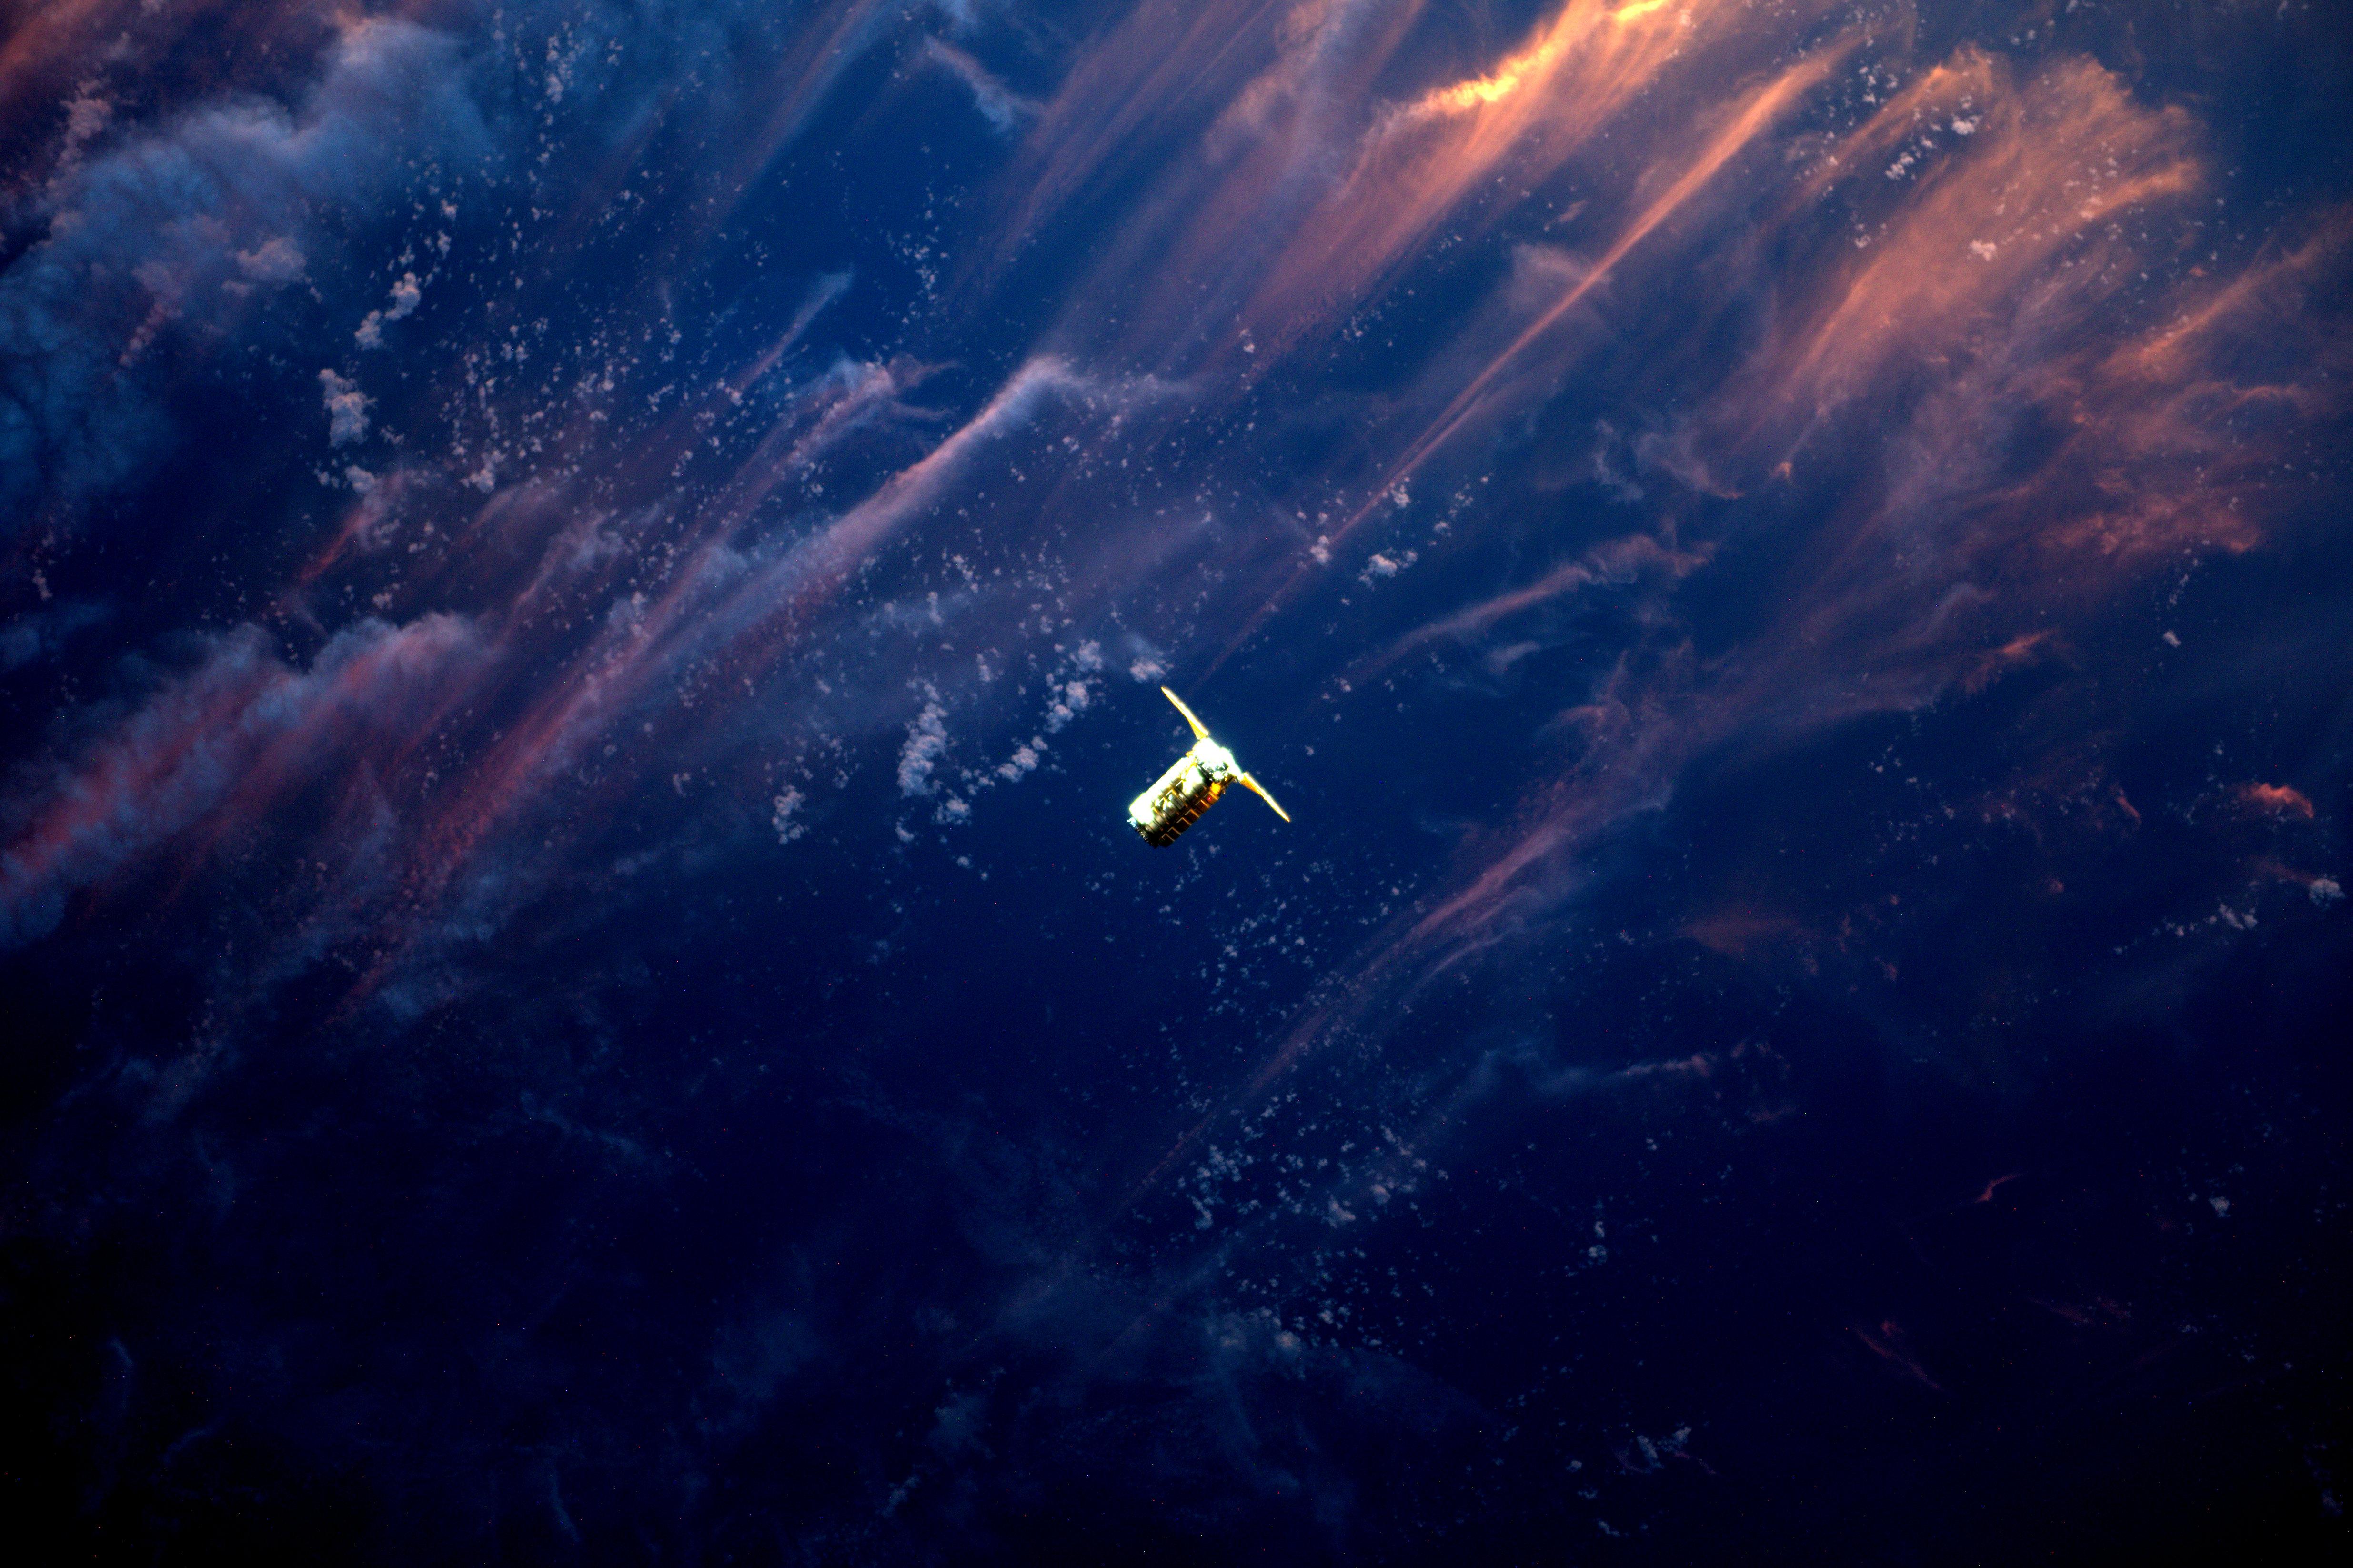 НАСА опубликовало очень красивый снимок приближения космического корабля Cygnus к МКС